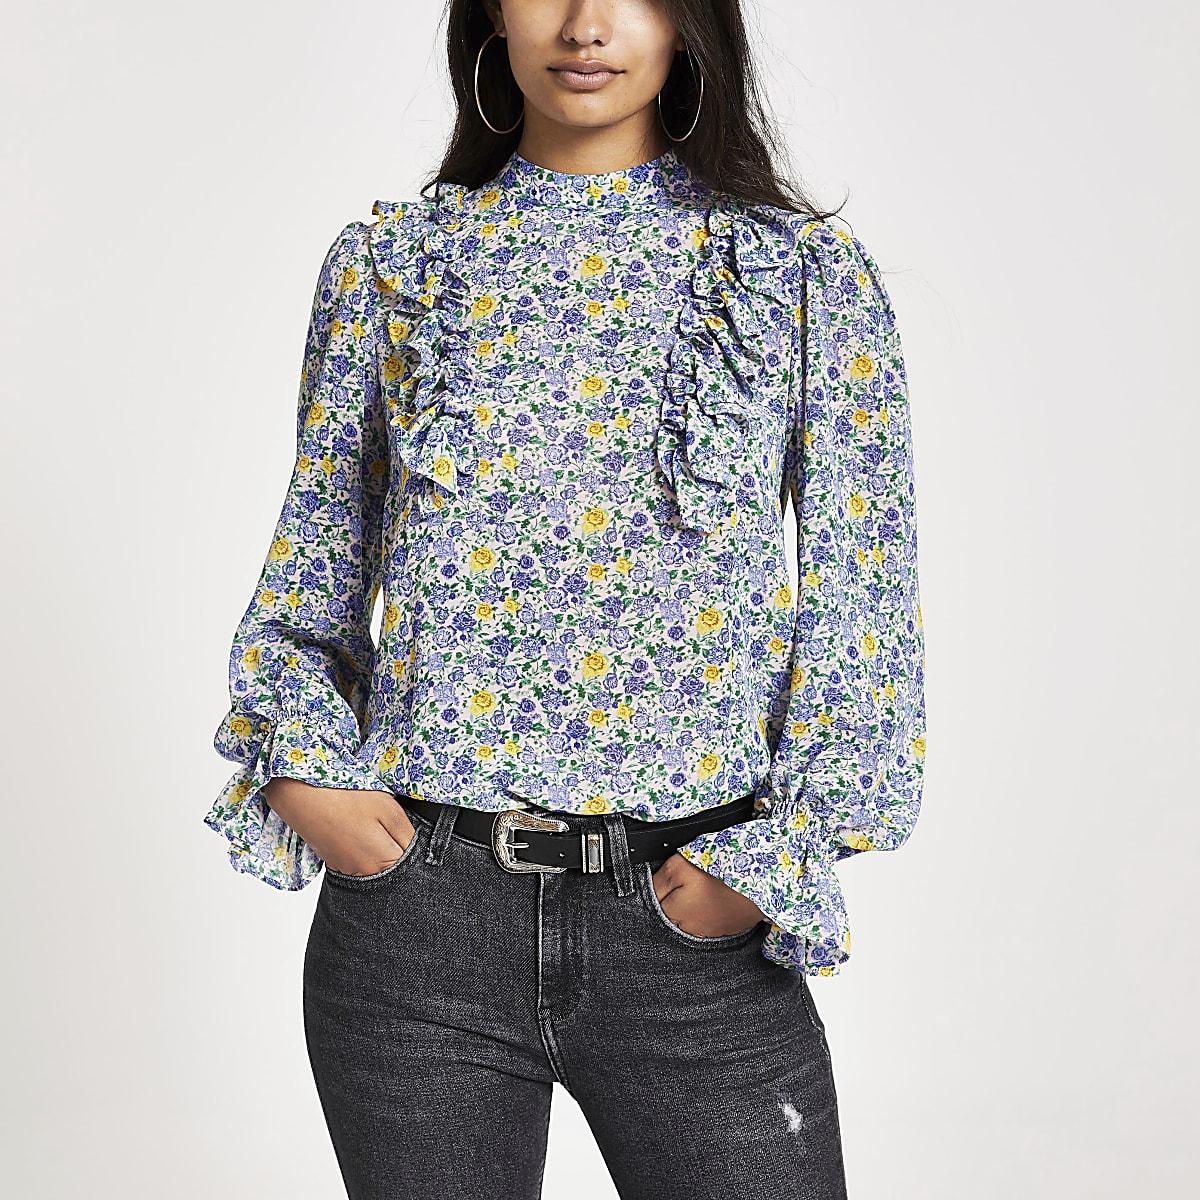 Blauwe top met bloemenprint en ruches